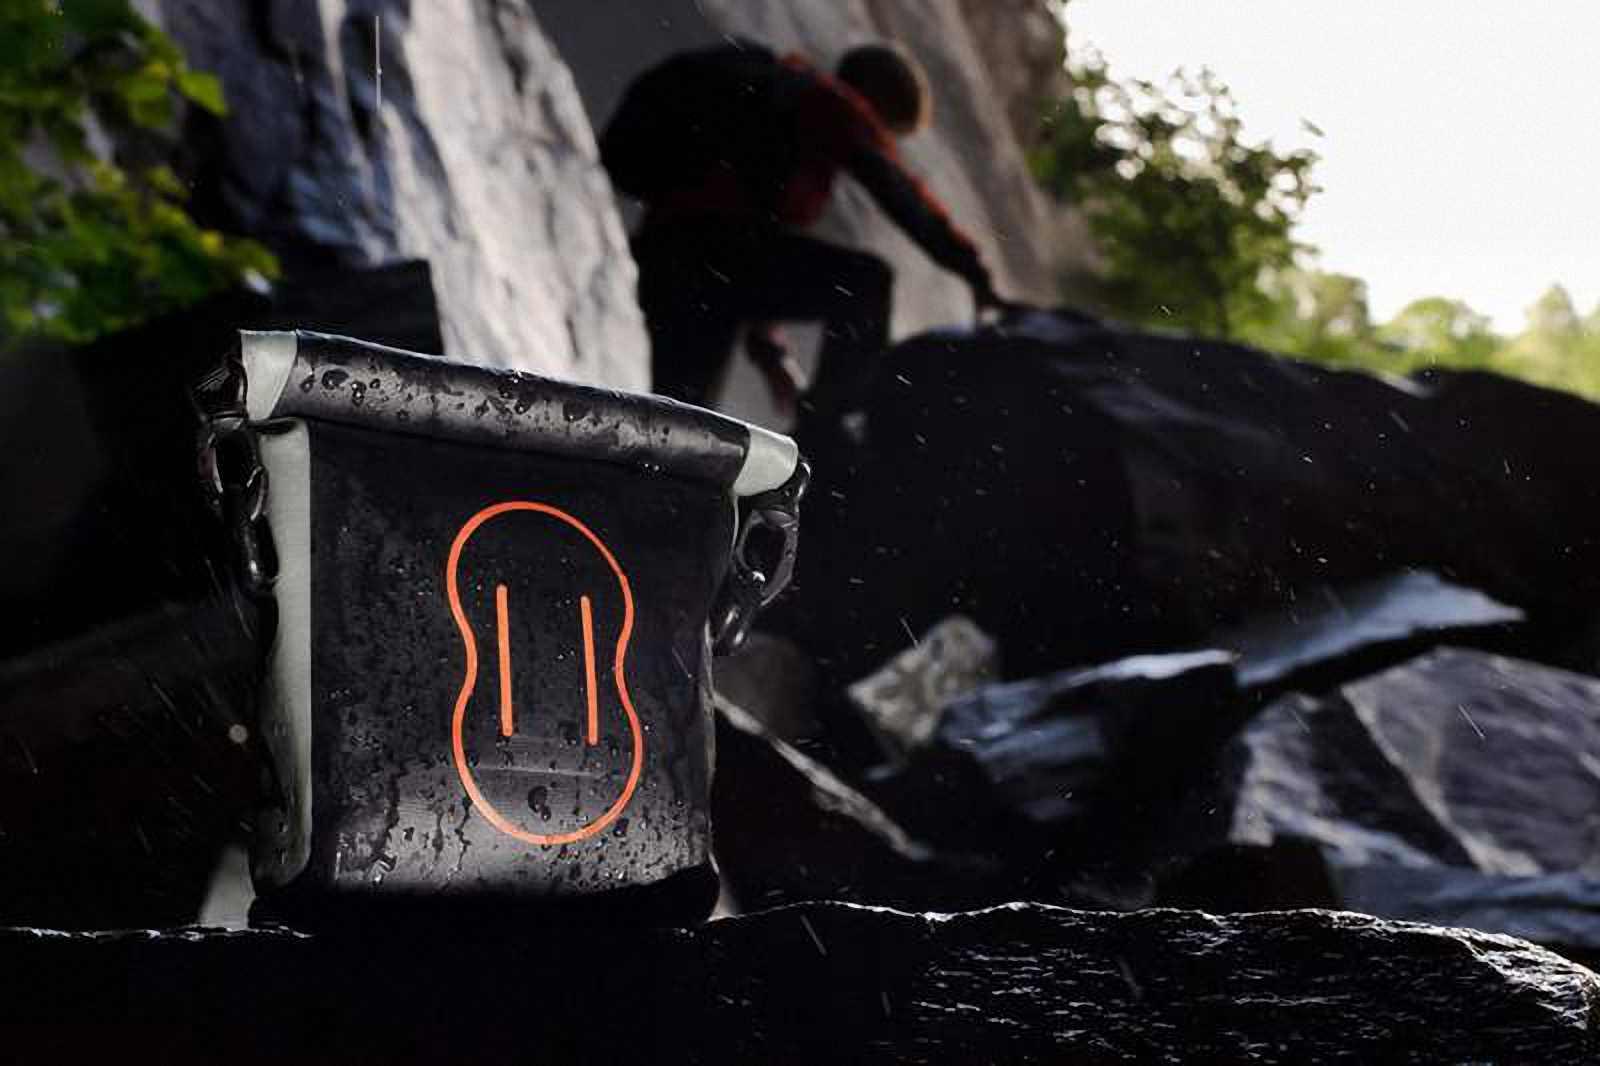 Водонепроницаемый чехол для фотоаппарата - Aquapac 021. Aquapac - №1 в мире водонепроницаемых чехлов и сумок. Фото 10